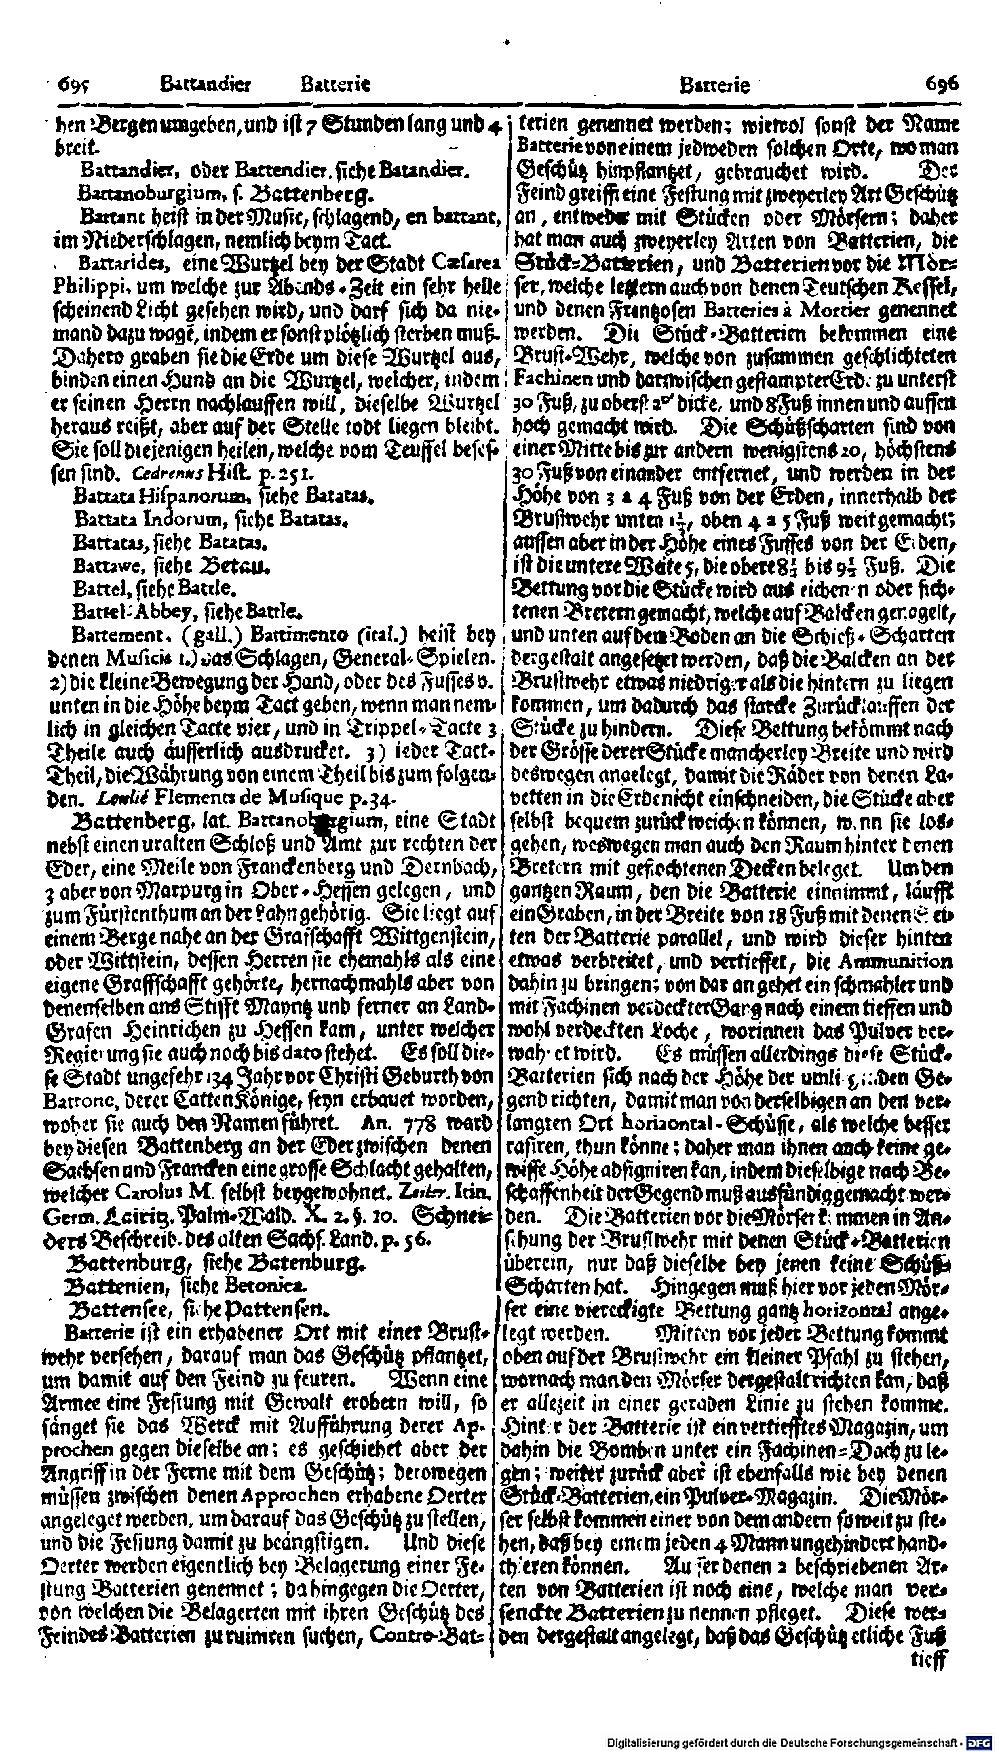 Bd. 03, Seite 0363.